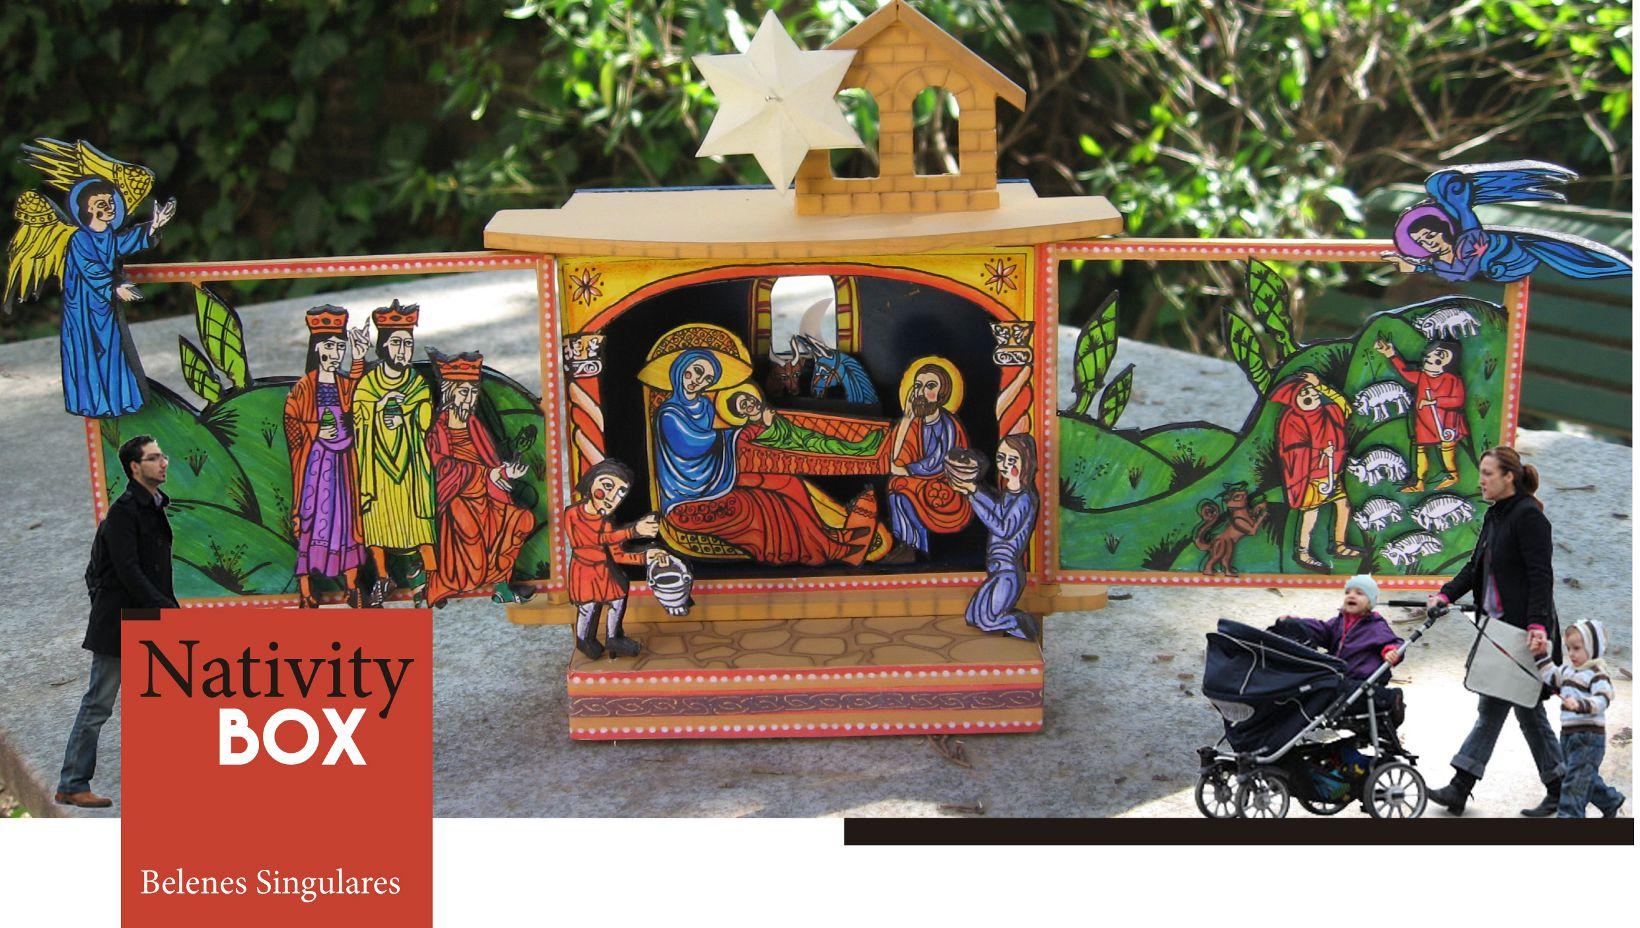 Promoción alquiler Nativity Box